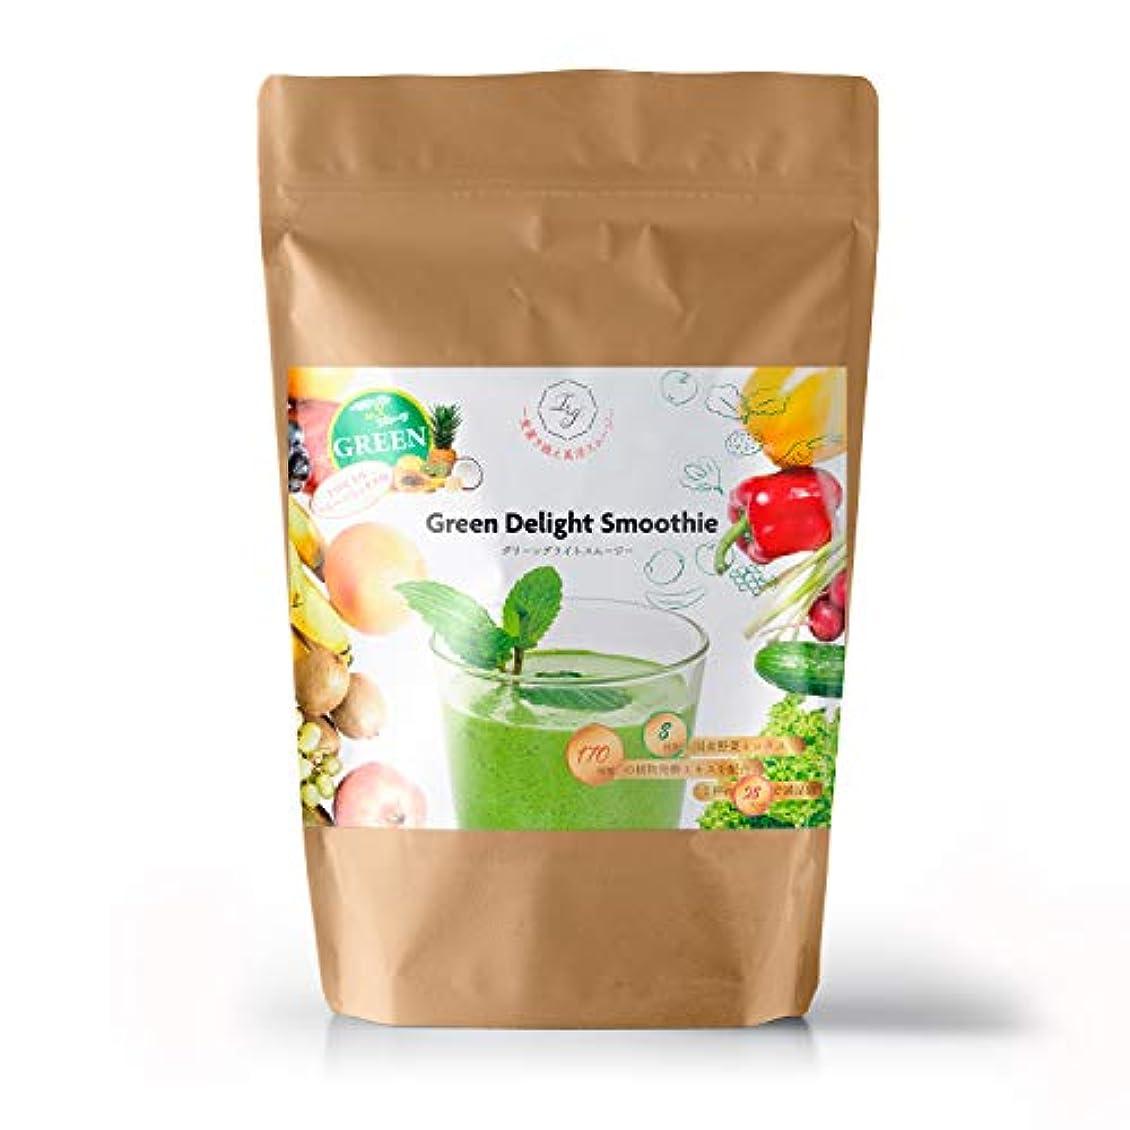 シェアピボット掃くGreen Delight Smoothie(グリーンディライトスムージー)置き換え スムージーダイエット 植物酵素 乳酸菌 チアシード トロピカルフルーツ【安心の国内産】